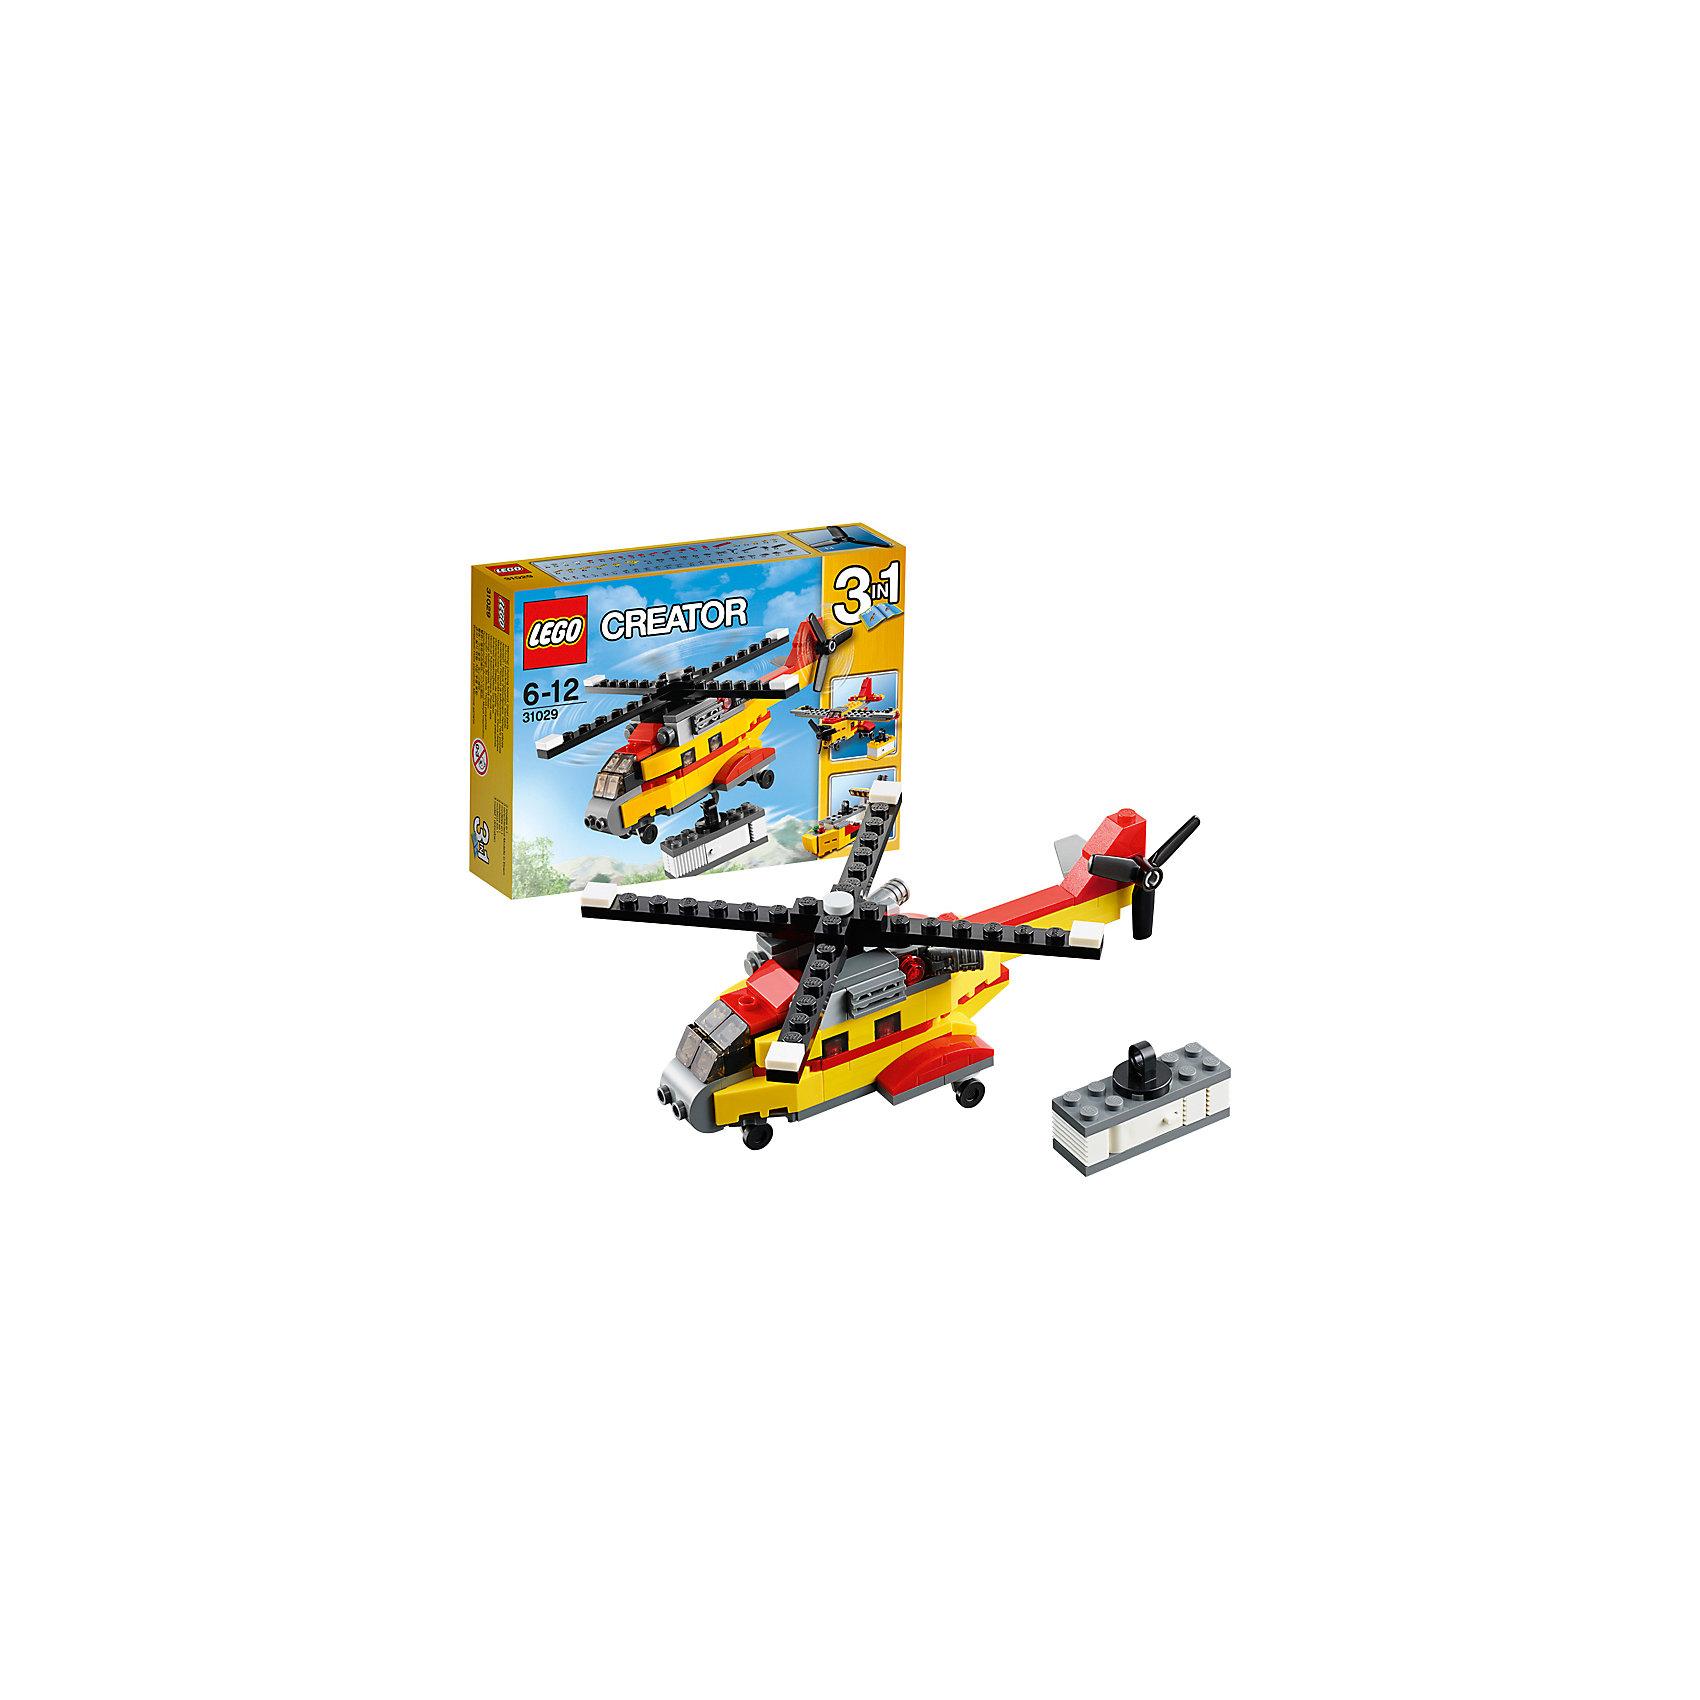 LEGO Creator 31029: Грузовой вертолетВ одной из самых популярных серий конструкторов новинка – LEGO Creator  (ЛЕГО Криэйтор) 31029: Грузовой вертолет. Набор можно перестроить в мощный танкер, а также транспортный самолет. Однако центральное место отведено большому грузовому вертолету с 4х-лопастным винтом, двумя детально исполненными двигателями,  навигационными огнями, колесным шасси, крюком лебедки и грузовым контейнером с открывающимися дверцами. В носовой части располагается кабина пилота с тонированным ветровым стеклом. Набрав высоту, зависни в нужном положении, опусти крюк лебедки и осторожно подними грузовой контейнер. <br>С помощью конструкторов серии ЛЕГО Криэйтор малыш учится собственными руками создавать что-то новое, познает устройство окружающей действительности, развивает мышление и творческие навыки. Особенность этой серии в том, что у одного набора существует 3 готовых варианта сборки. Но также ребенок может проявлять собственную фантазию и собирать то, что ему захочется. В серию входят стандартные кубики, из которых можно собрать дома, автомобили и многое другое. Все выпускаемые конструкторы ЛЕГО Криэйтор  взаимозаменяемы, поэтому детали от любого набора прекрасно подойдут к уже имеющемуся конструктору.<br><br>Дополнительная информация:<br>-Количество деталей: 132 шт.<br>-Размер упаковки: 19,1x14,1x4,6 см<br>-Размер вертолета: 6 х 17 х 13 см<br>-Размер самолета: 6 х 11 х 14 см<br>-Размер танкера: 5 х 12 х 4 см<br>-Вес: 0,21 кг<br>-Материал: пластик<br>-Весь набор упакован в фирменную картонную коробку ЛЕГО<br><br>LEGO Creator (ЛЕГО Криэйтор) 31029: Грузовой вертолет можно купить в нашем магазине.<br><br>Ширина мм: 193<br>Глубина мм: 141<br>Высота мм: 49<br>Вес г: 187<br>Возраст от месяцев: 72<br>Возраст до месяцев: 144<br>Пол: Мужской<br>Возраст: Детский<br>SKU: 3786109